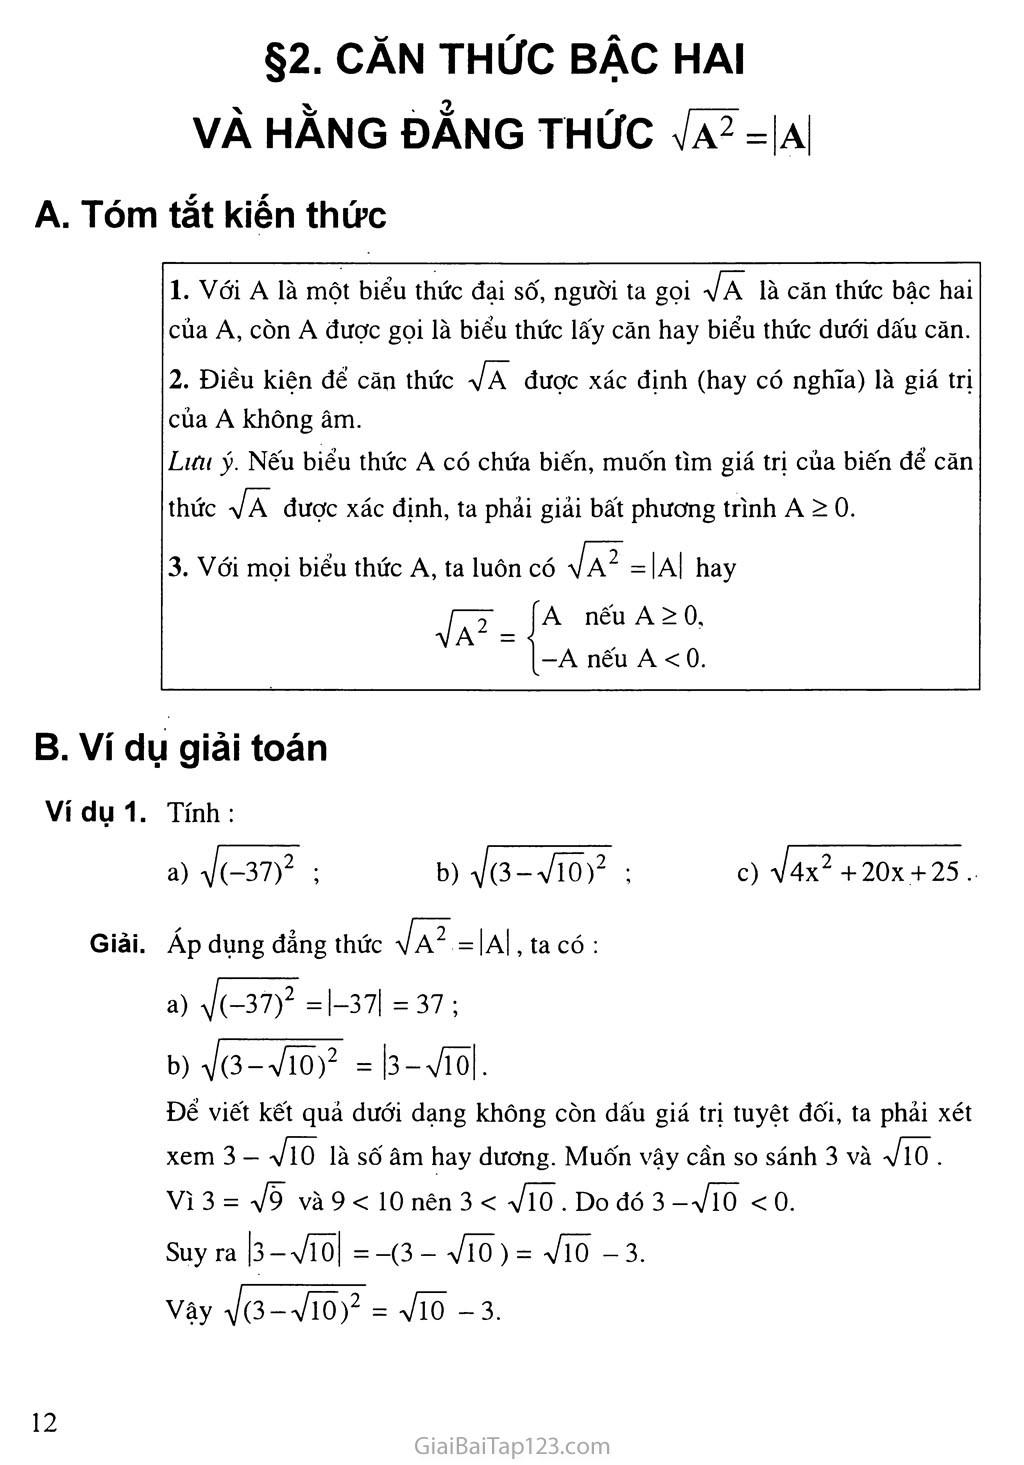 Bài 2. Căn thức bậc hai và hằng đẳng thức trang 1